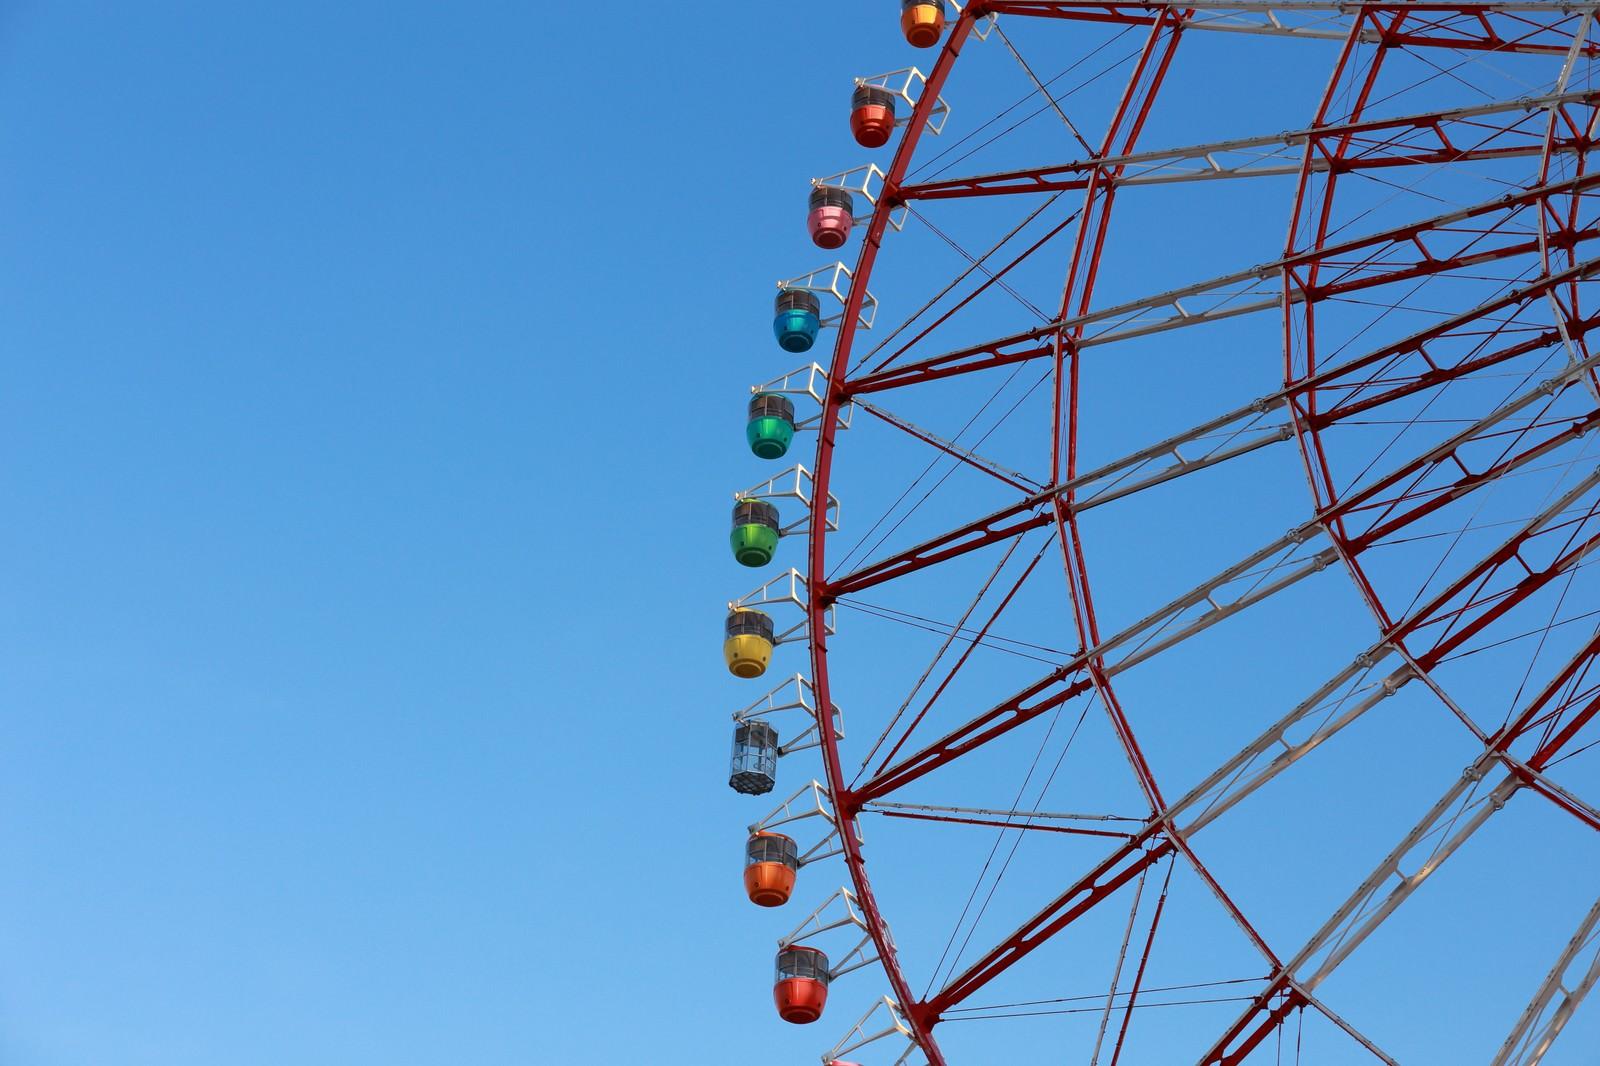 「青空の観覧車」の写真